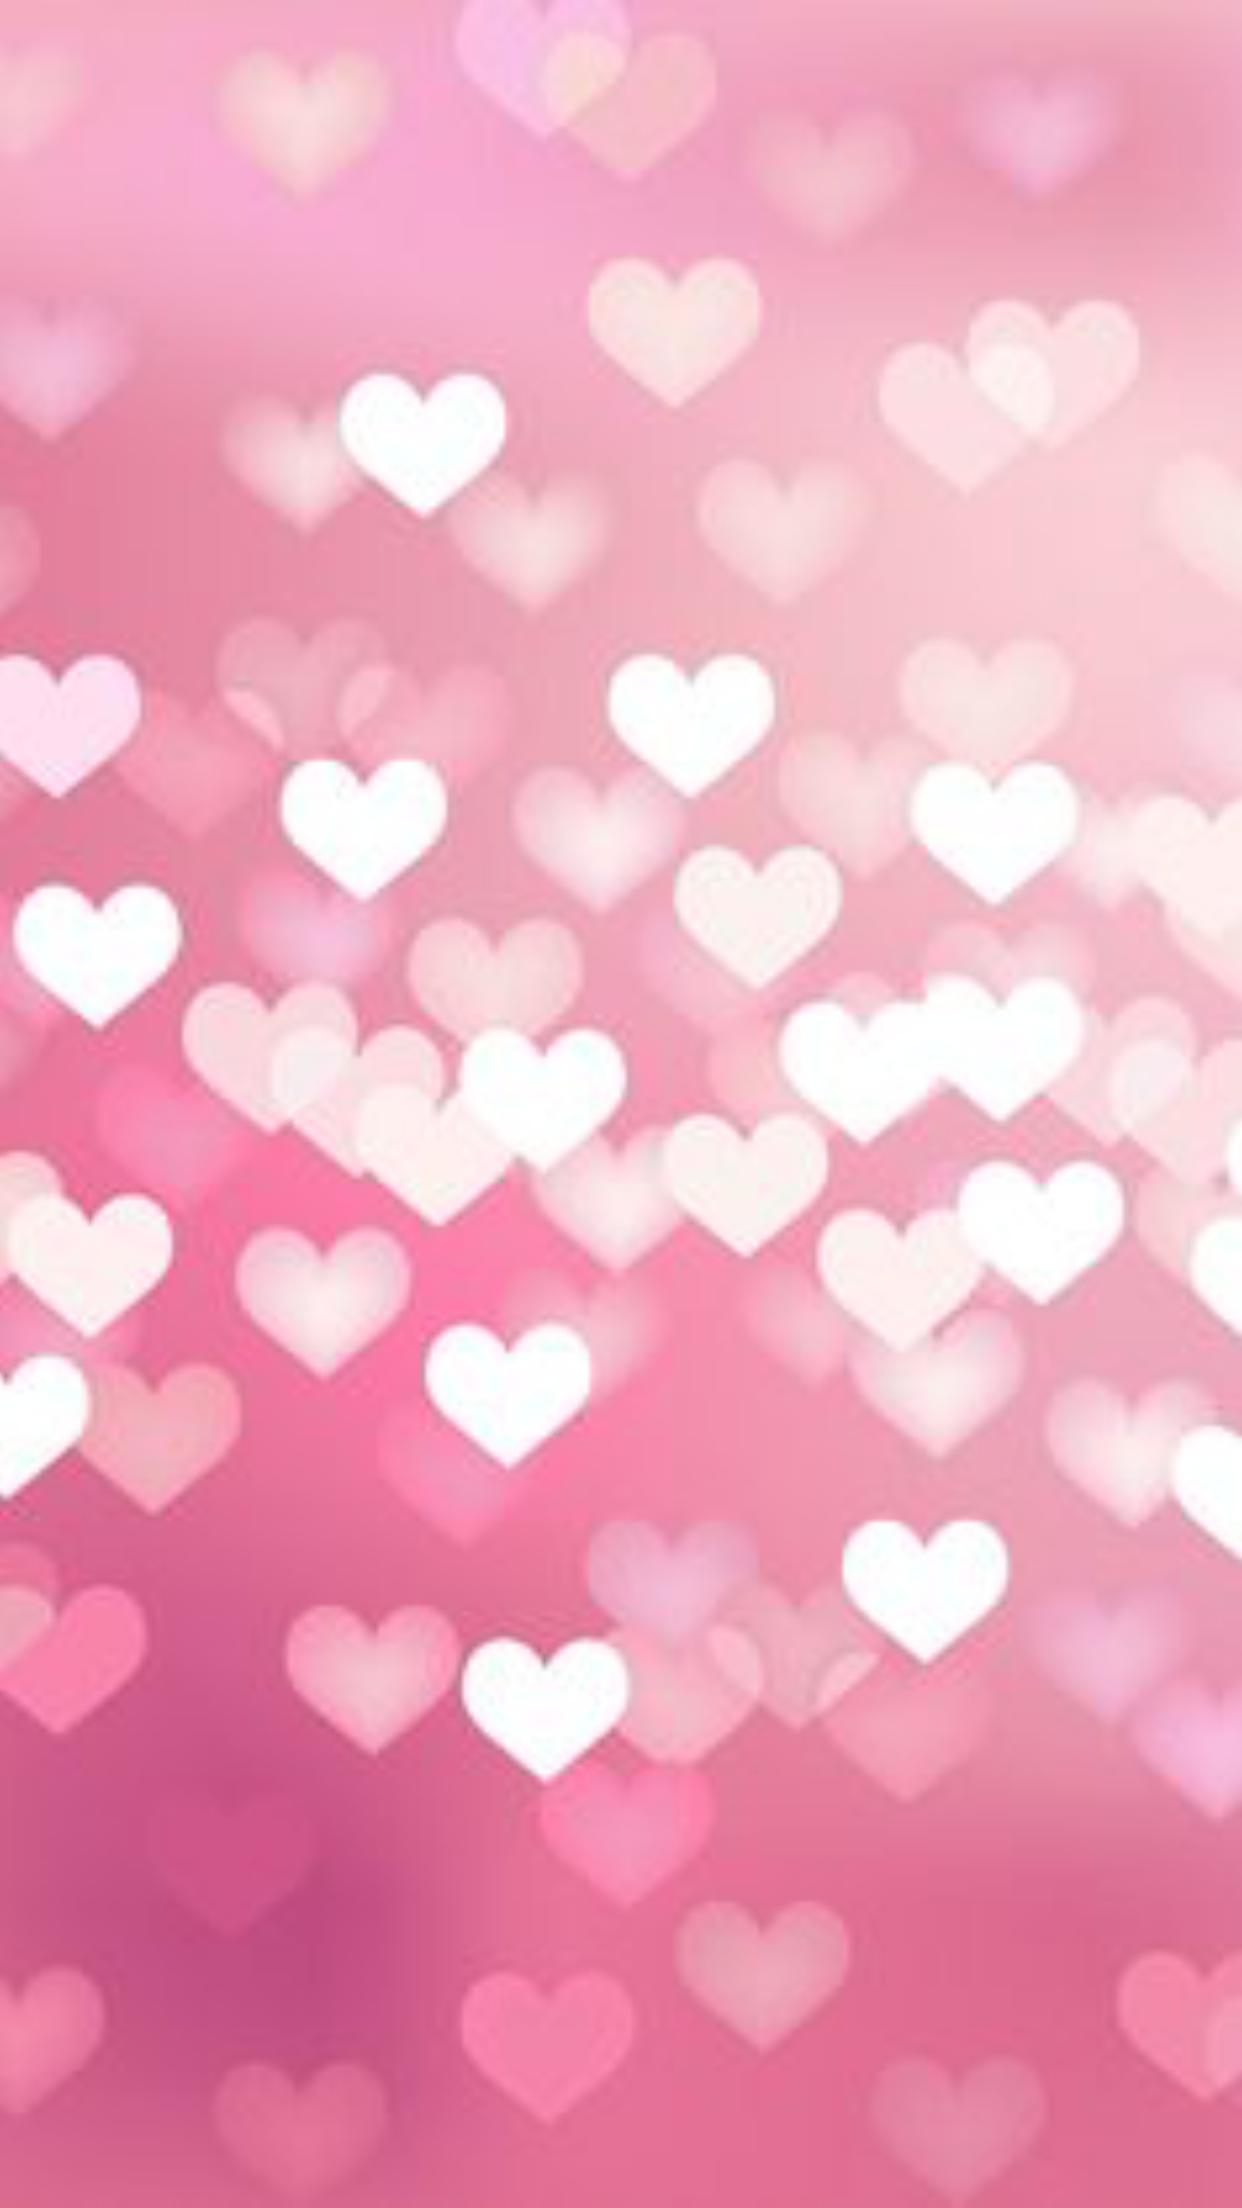 Tech Wallpapers Pink Wallpaper Iphone Heart Iphone Wallpaper